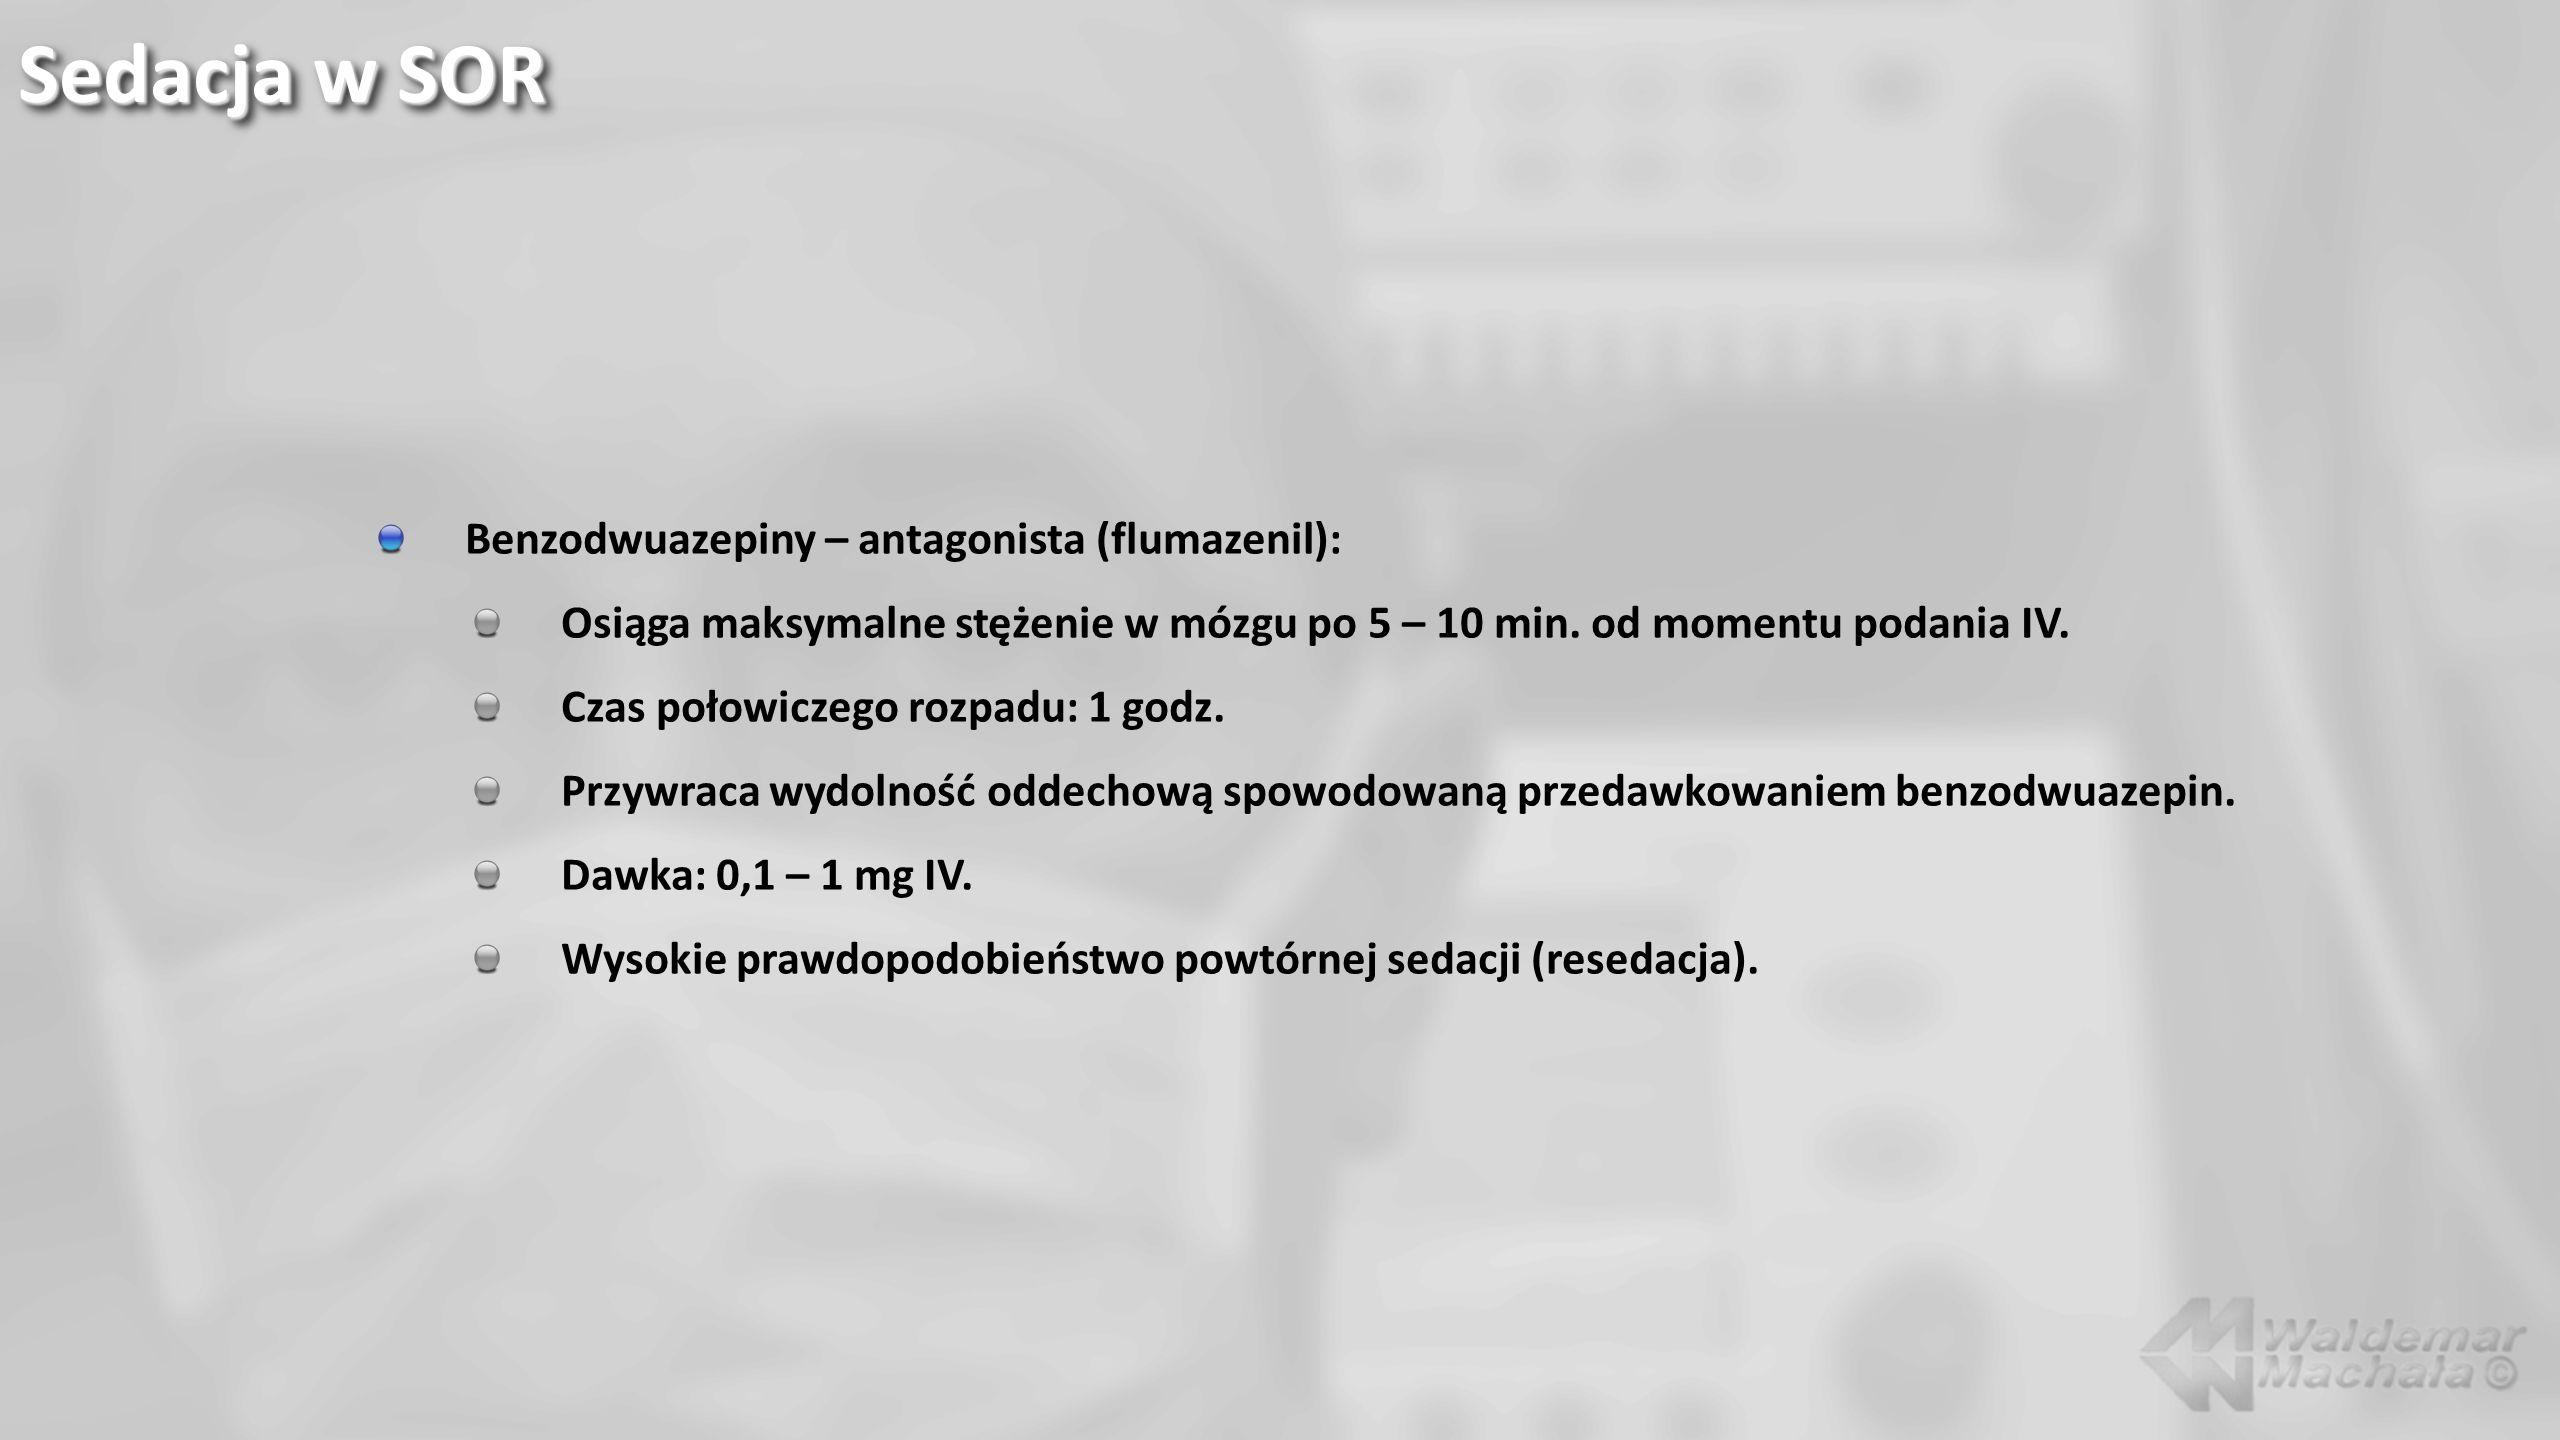 Benzodwuazepiny – antagonista (flumazenil): Osiąga maksymalne stężenie w mózgu po 5 – 10 min. od momentu podania IV. Czas połowiczego rozpadu: 1 godz.